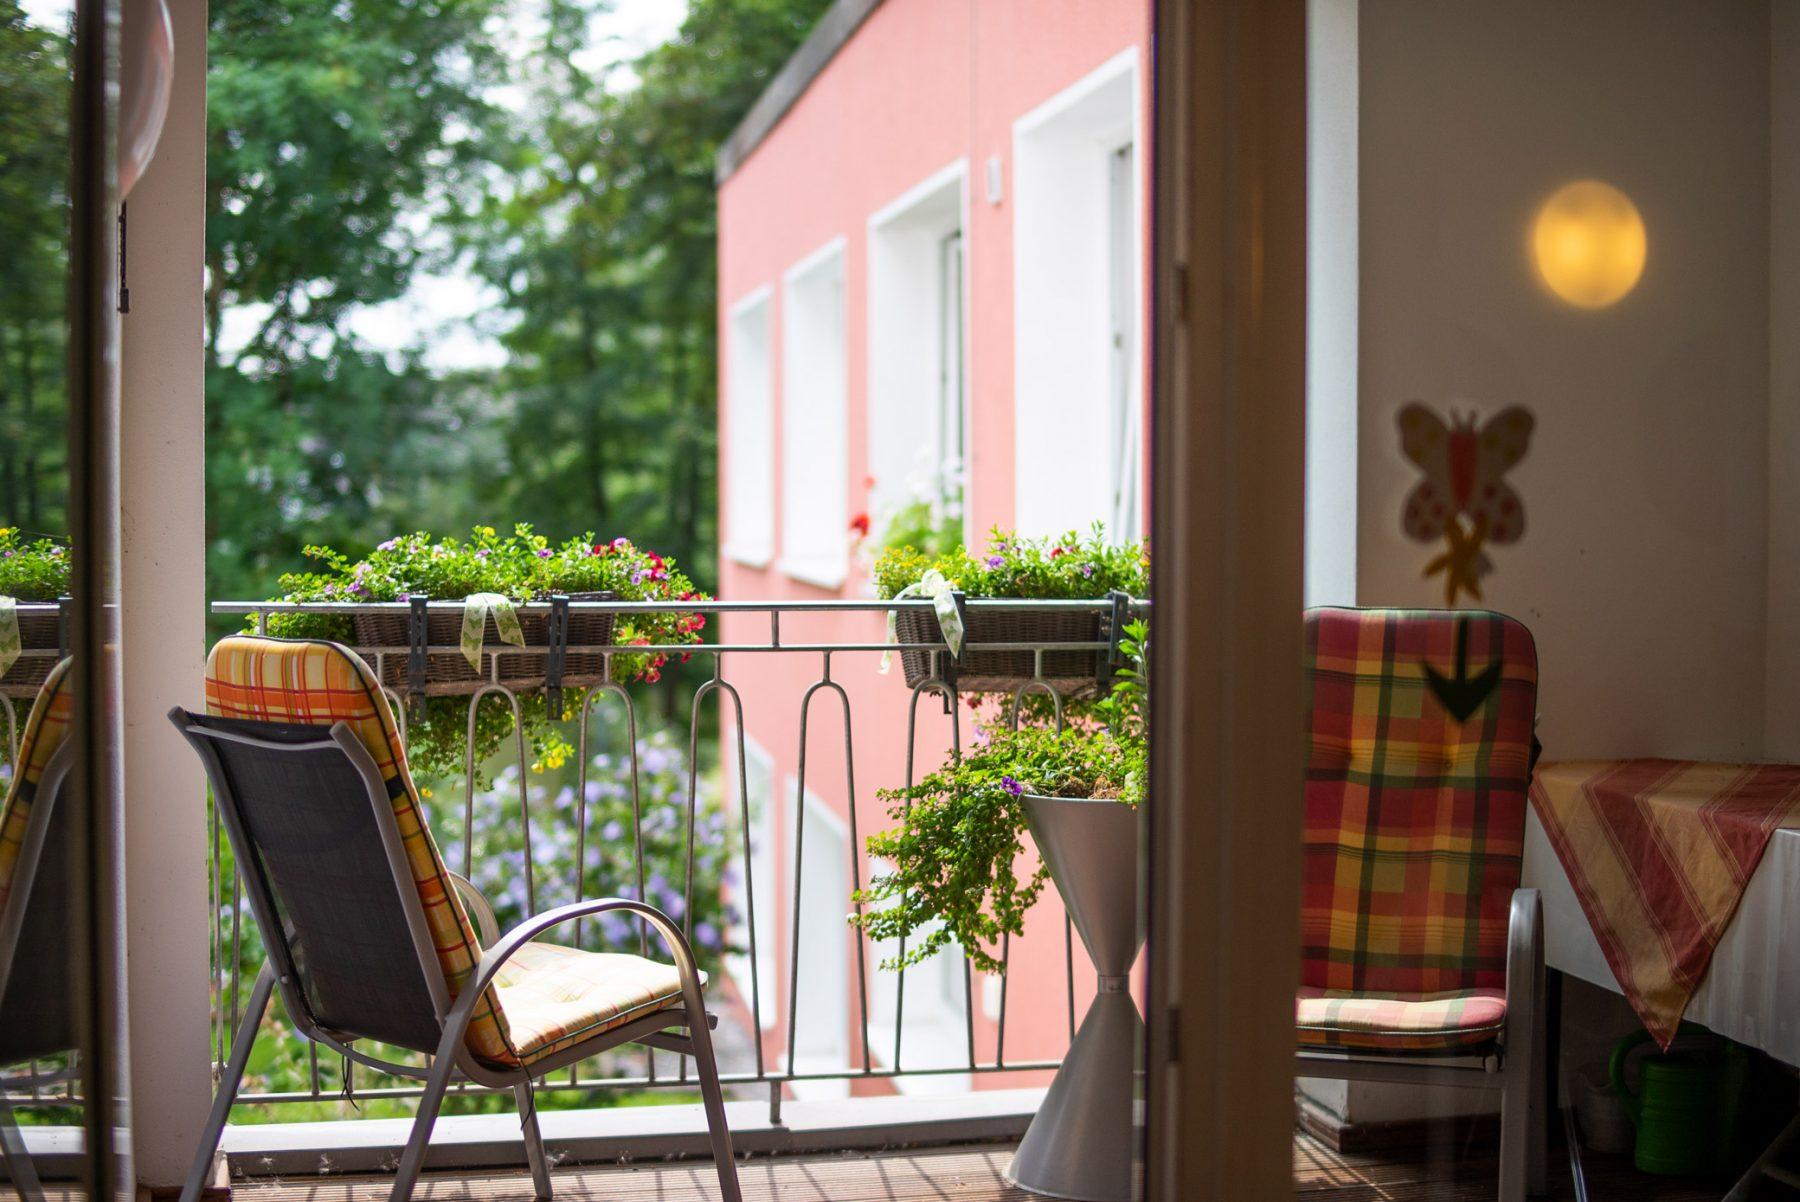 Balkon in der Seniorenwohngemeinschaft in Horn-Bad Meinberg